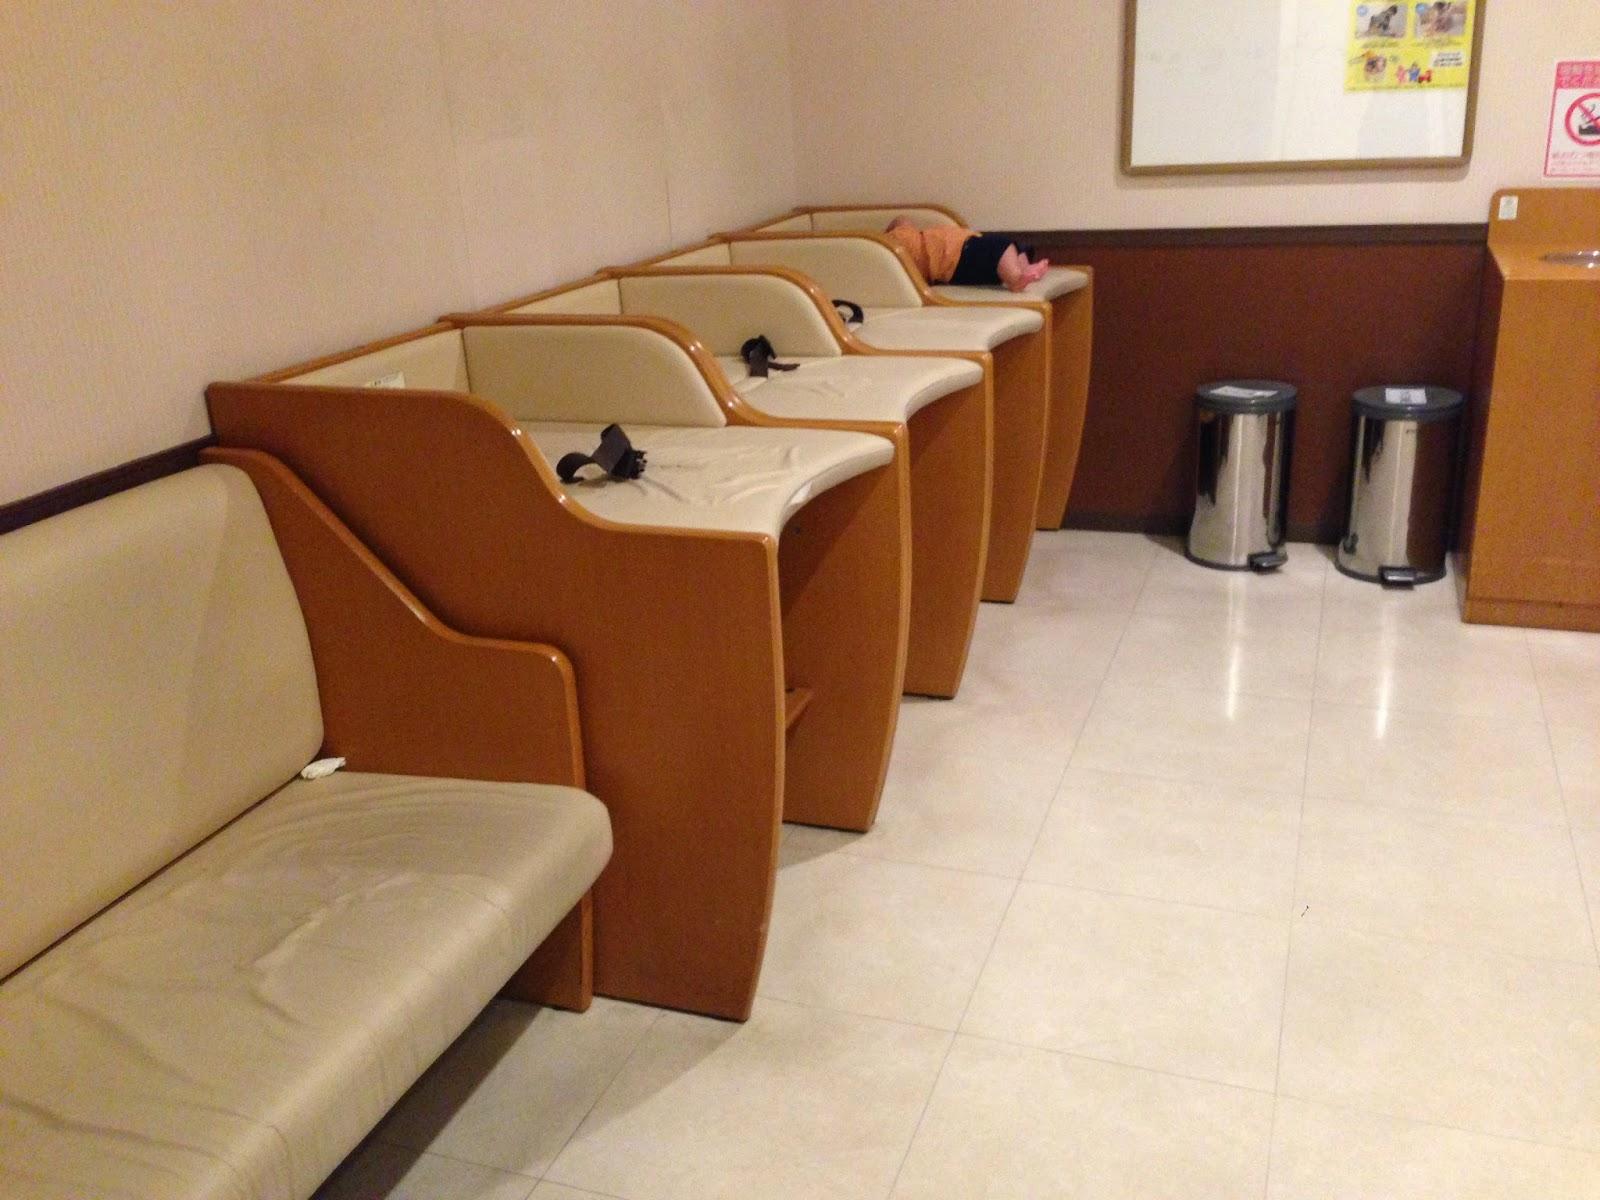 ららぽーと豊洲のベビー休憩室レポ